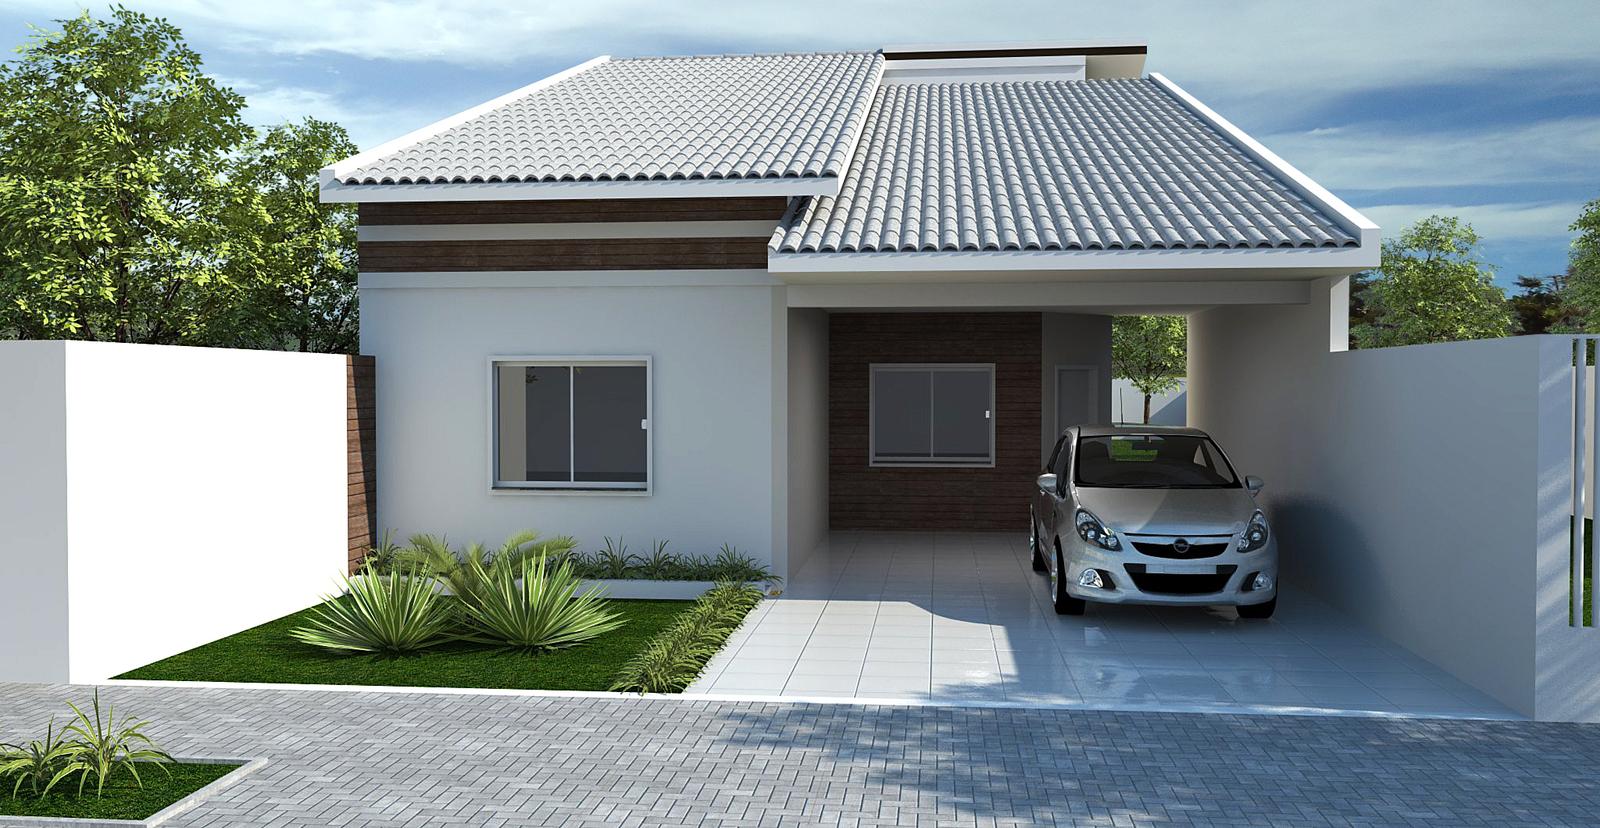 Fotos de fachadas de casas deixe a frente de casa linda - Vender garaje ...